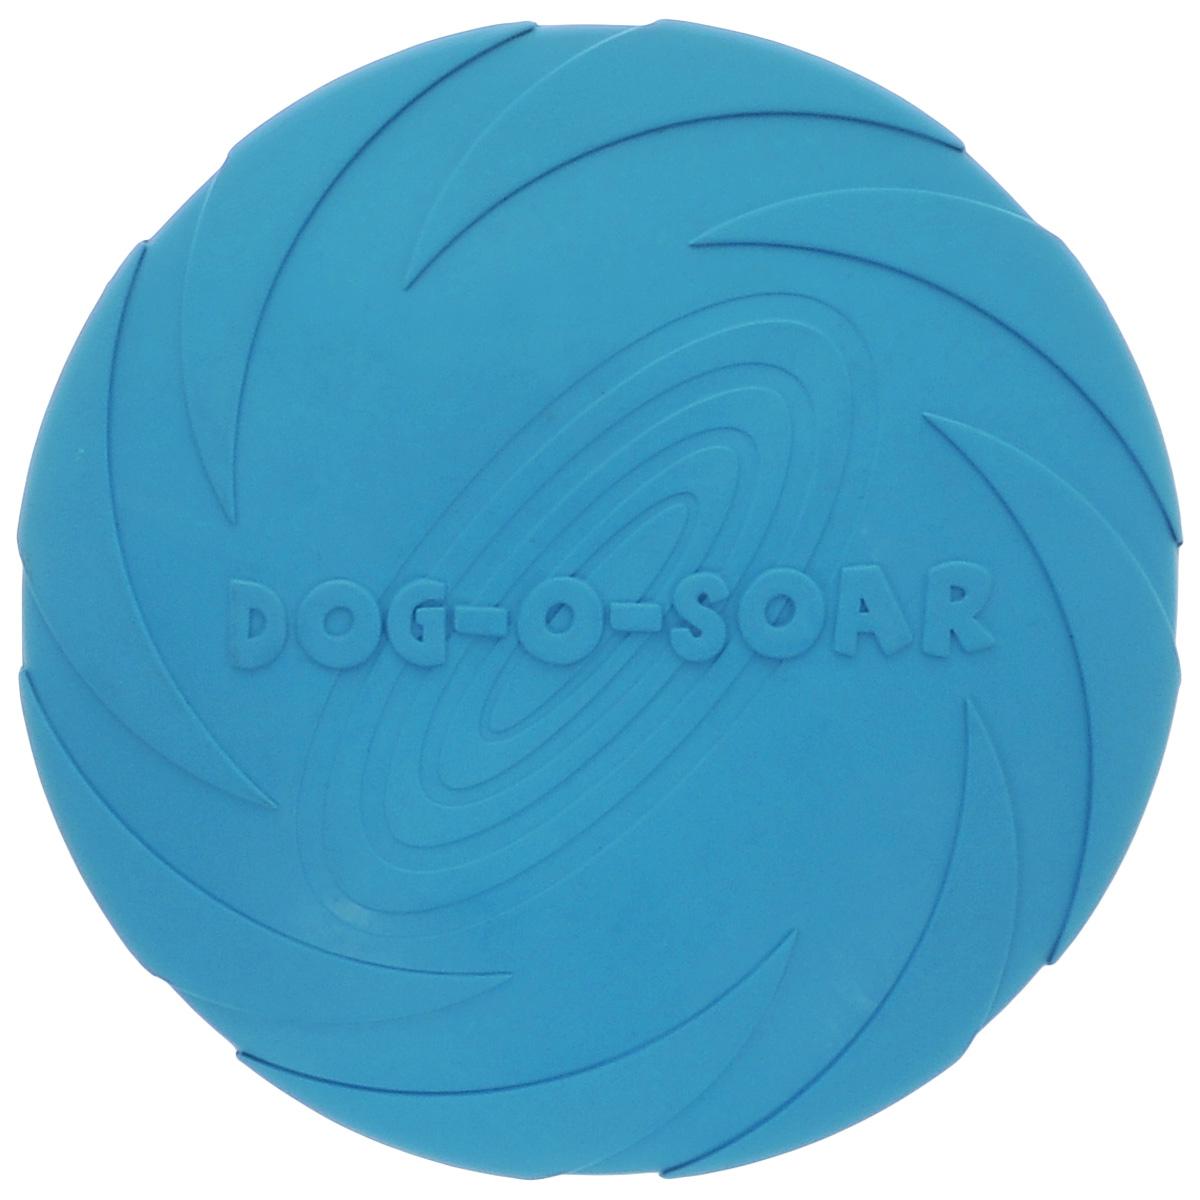 Игрушка для собак I.P.T.S. Фрисби, цвет: бирюзовый, диаметр 22 см0120710Игрушка I.P.T.S. Фрисби, выполненная из резины, отлично подойдет для совместных игр хозяина и собаки. В отличие от пластиковых, такая Фрисби не образует острых зазубрин и трещин, способных повредить десны питомца. Совместные игры укрепляют взаимоотношение и понимание. Диаметр: 22 см.